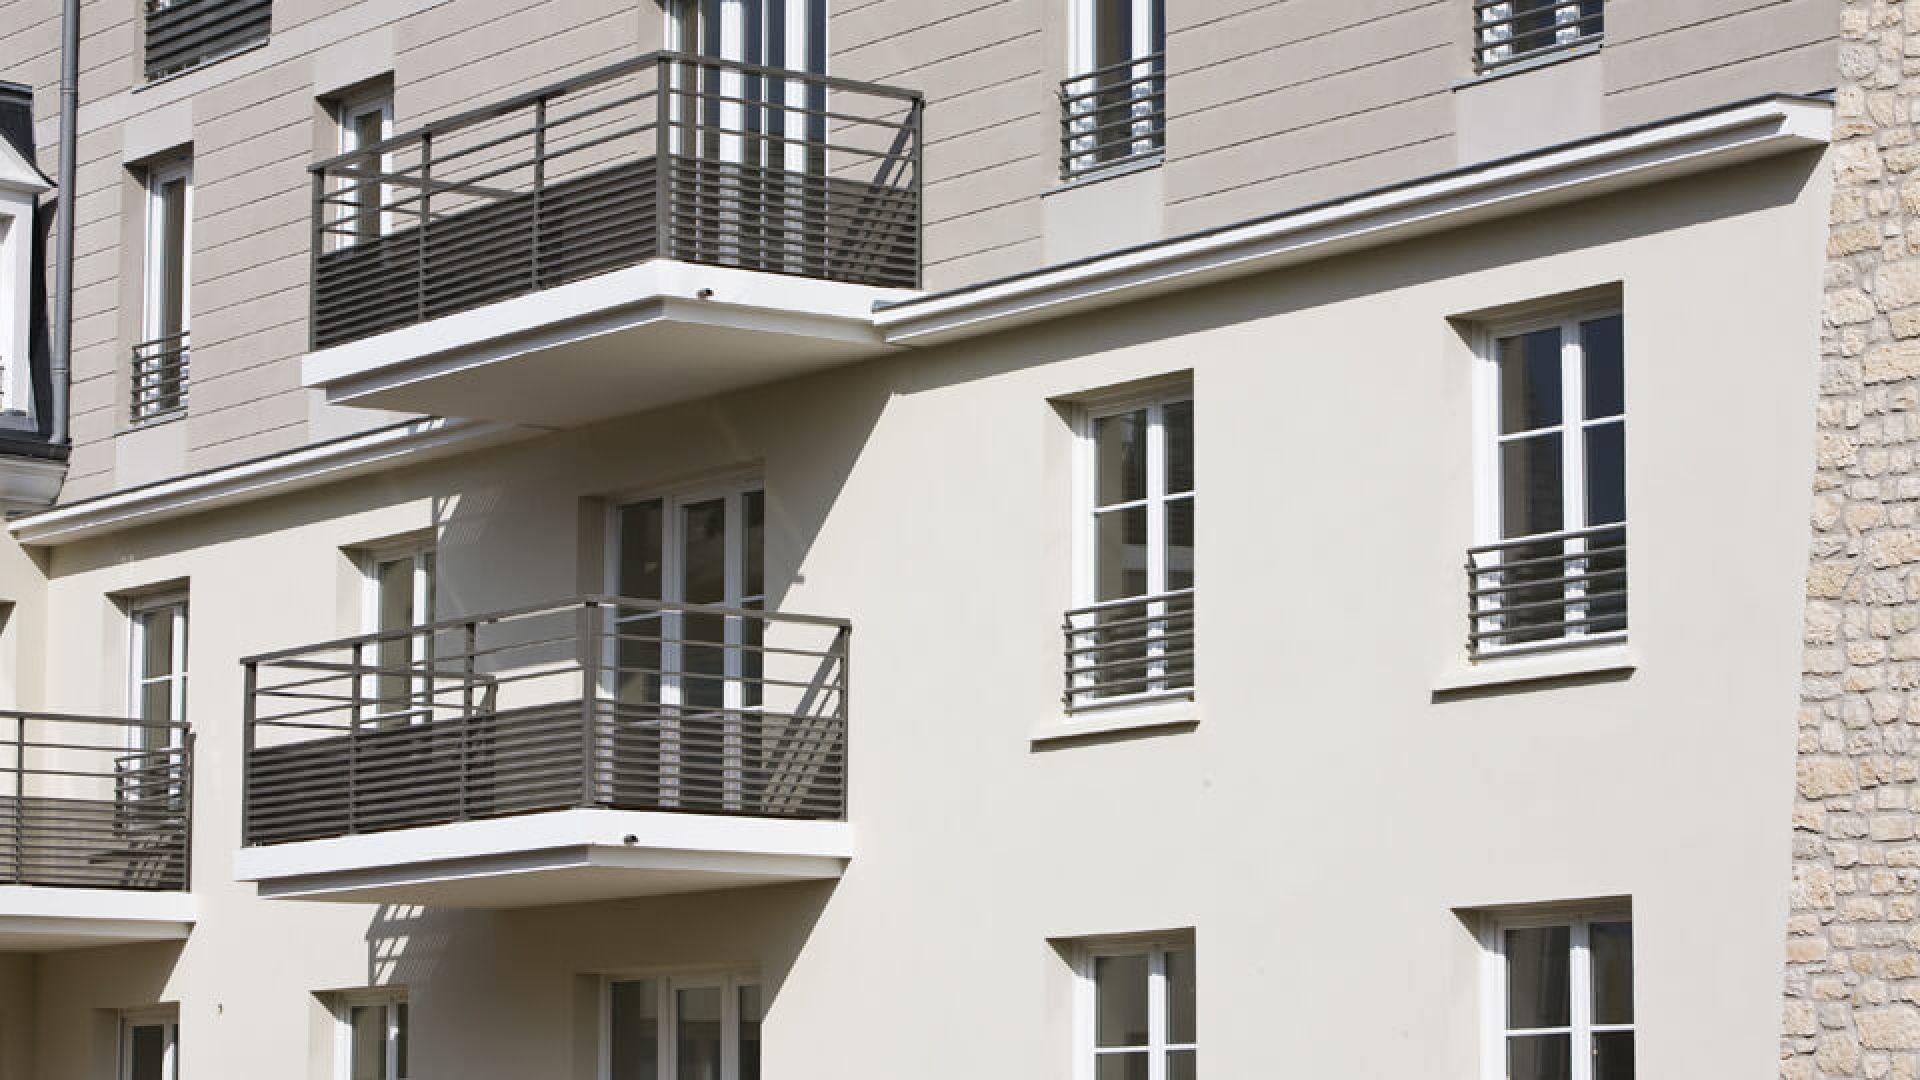 enduit de fa ade monocouche ou multicouche l 39 essentiel. Black Bedroom Furniture Sets. Home Design Ideas